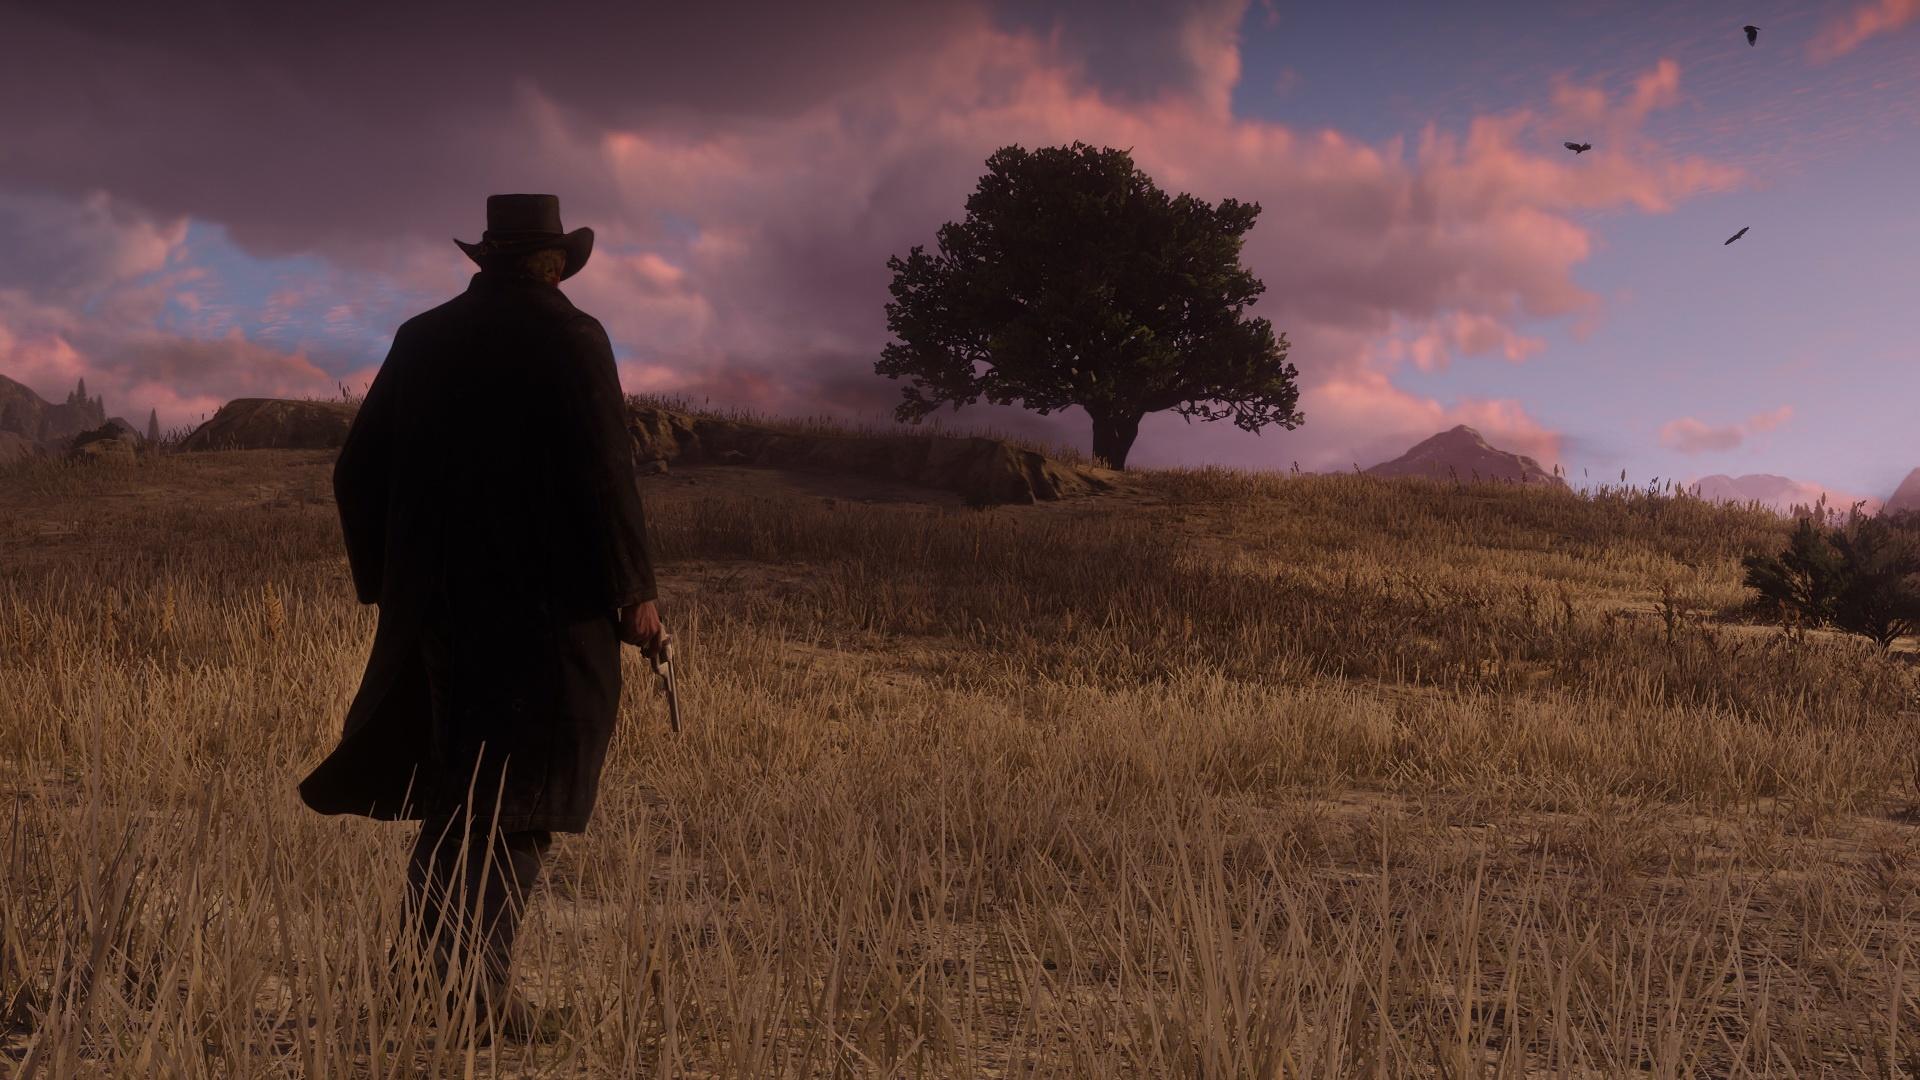 Neue Screenshots zu Red Dead Redemption 2 zeigen Tierwelt, Open World und Charaktere. Bild 20 - Quelle: Rockstar Games